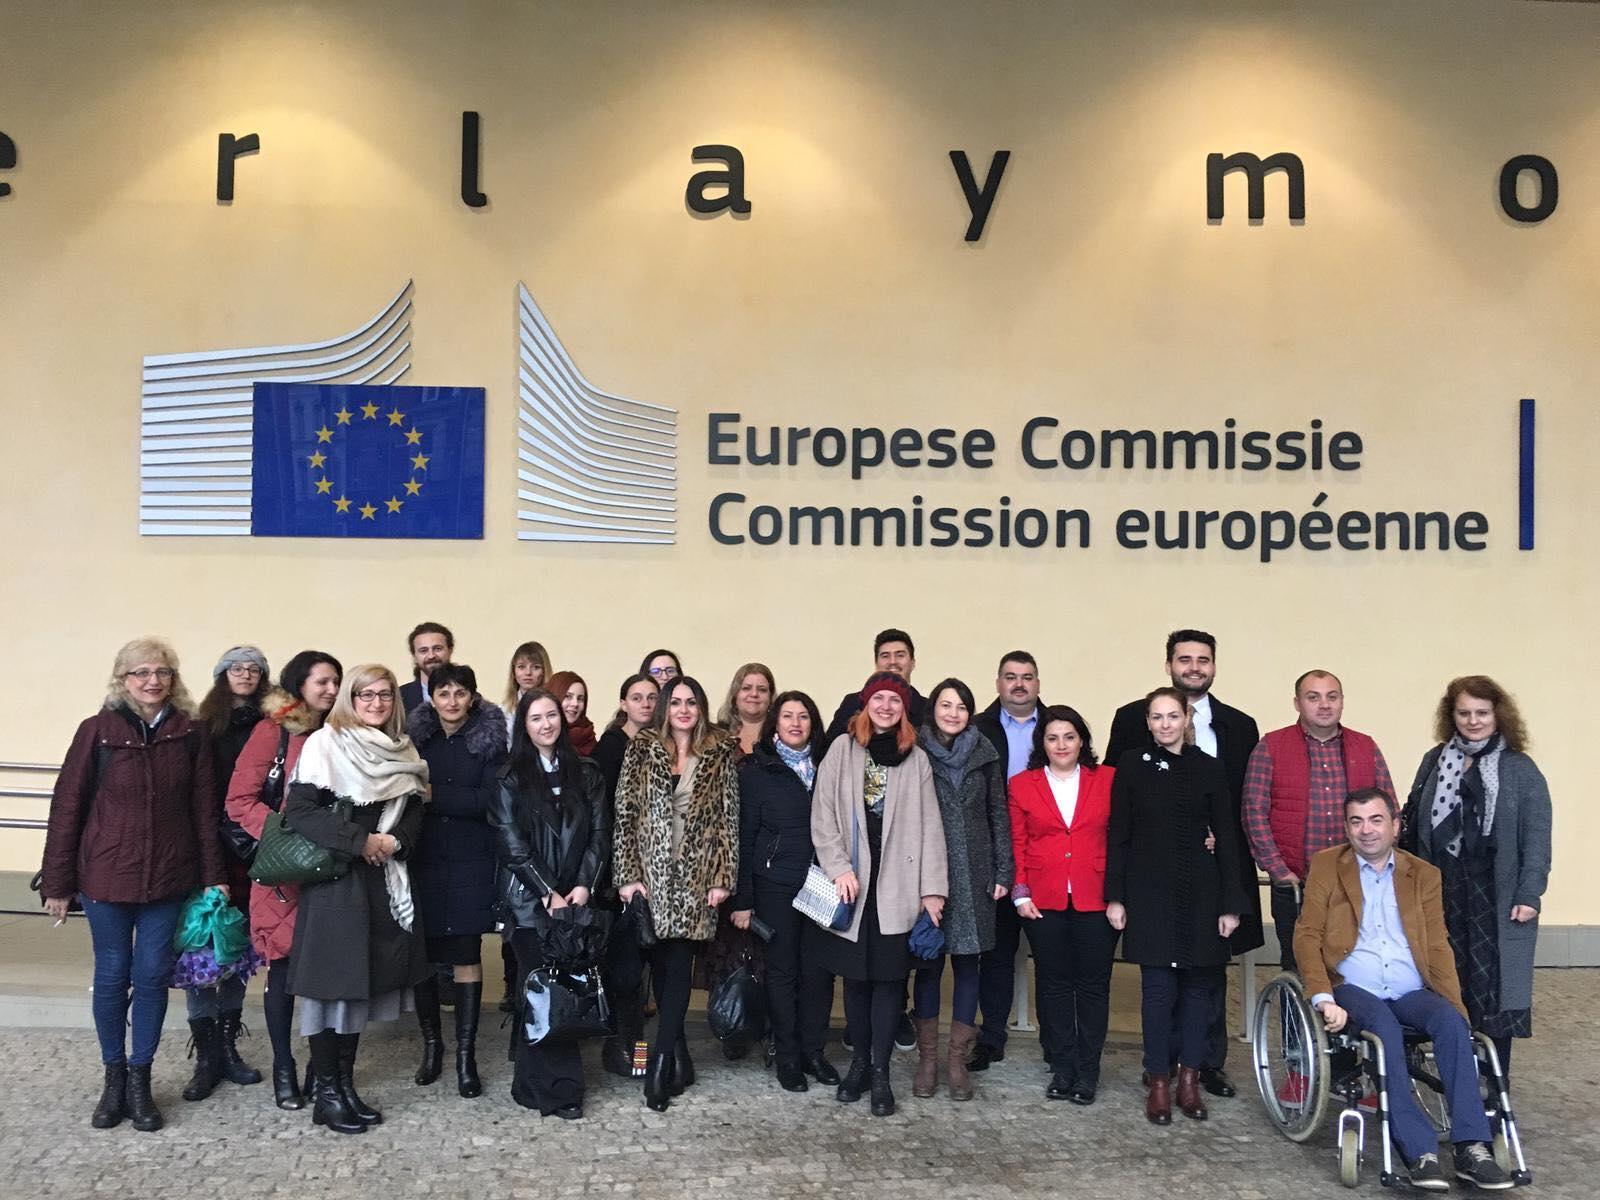 CJD: Vizită de studiu la Bruxelles, organizată de Reprezentanța Comisiei Europene